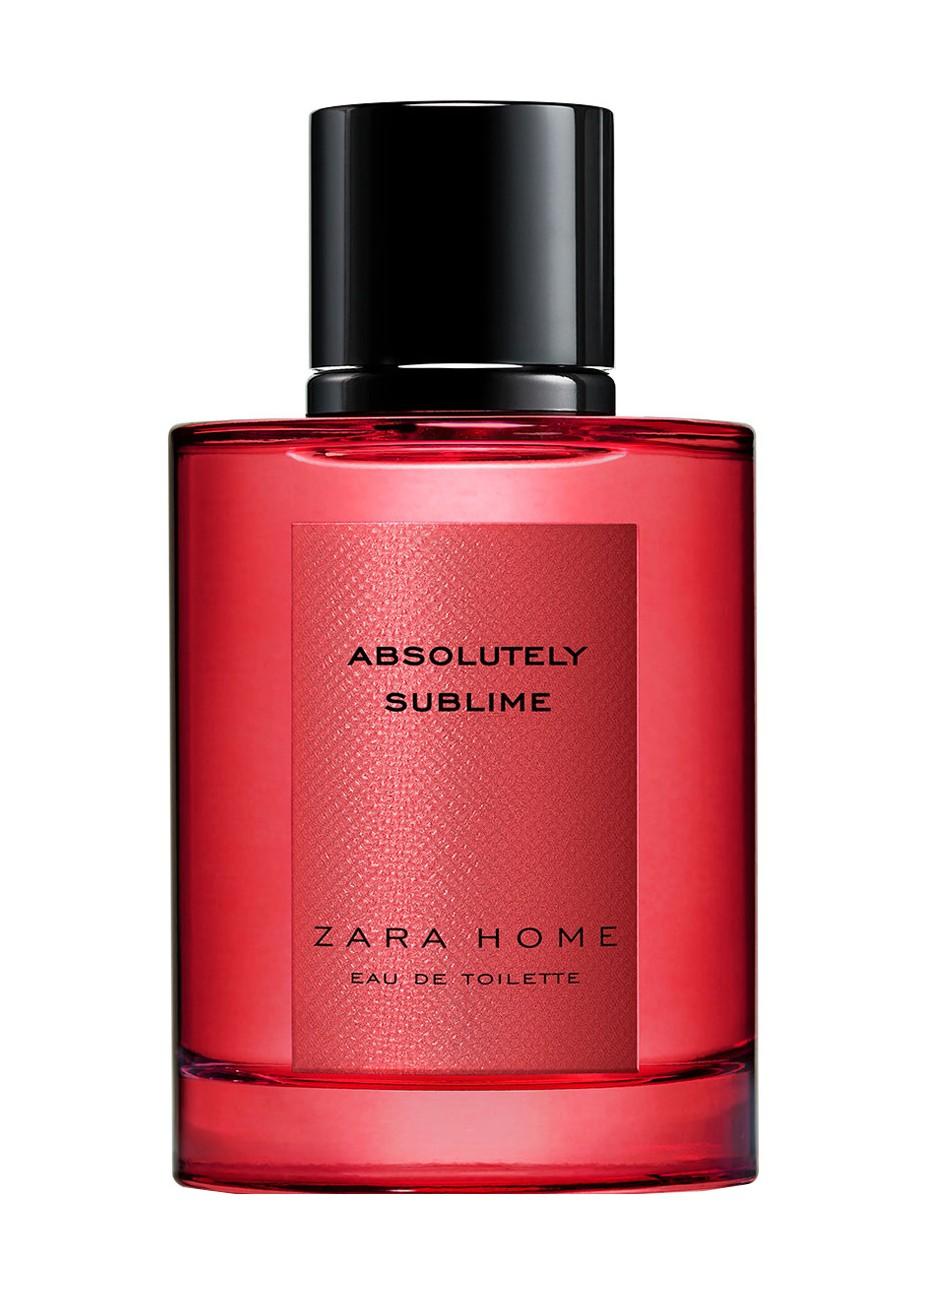 Zara Home Absolutely Sublime аромат для мужчин и женщин